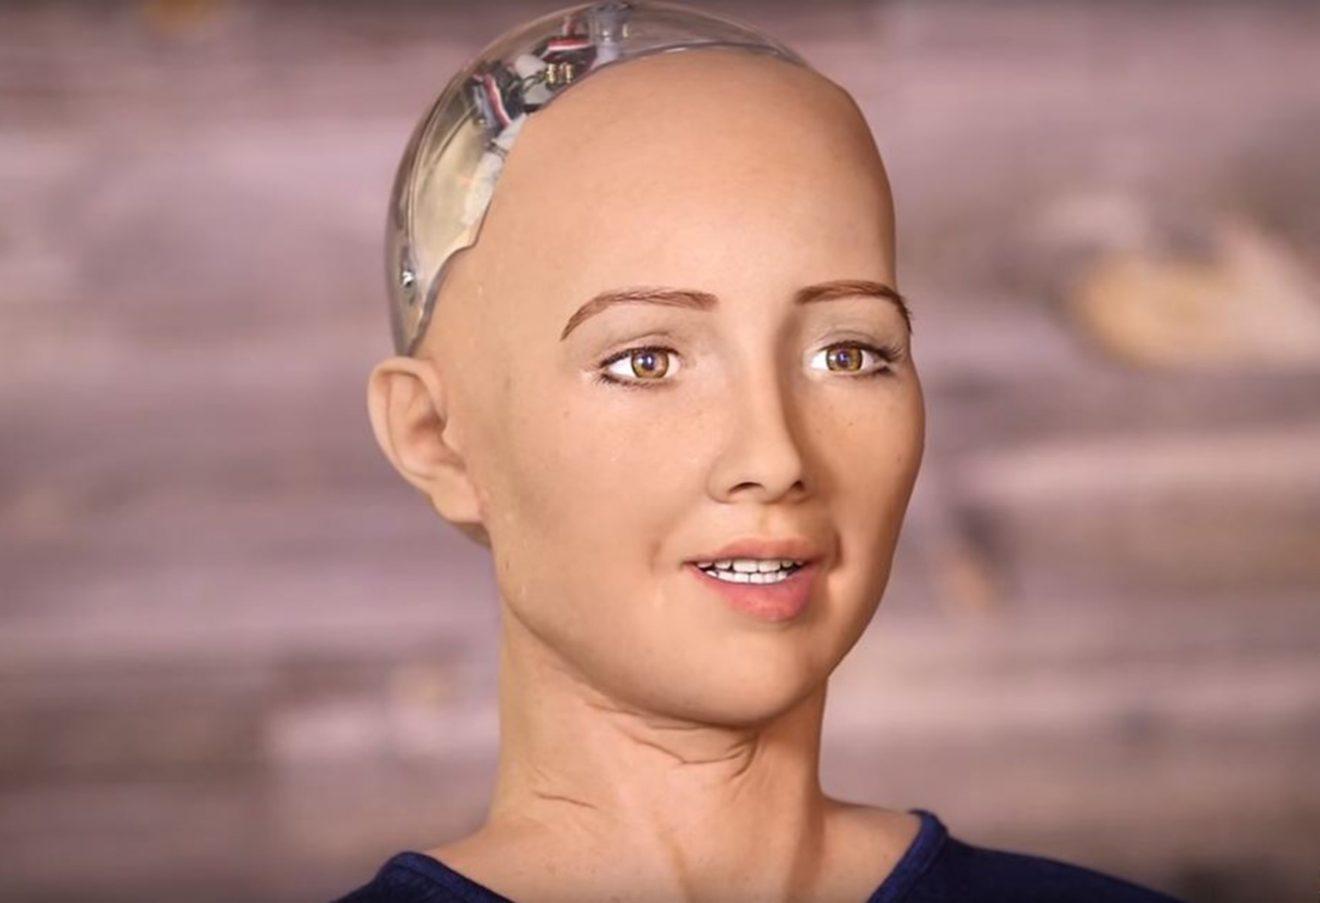 زواج البشر بالروبوتات عام 2045 !